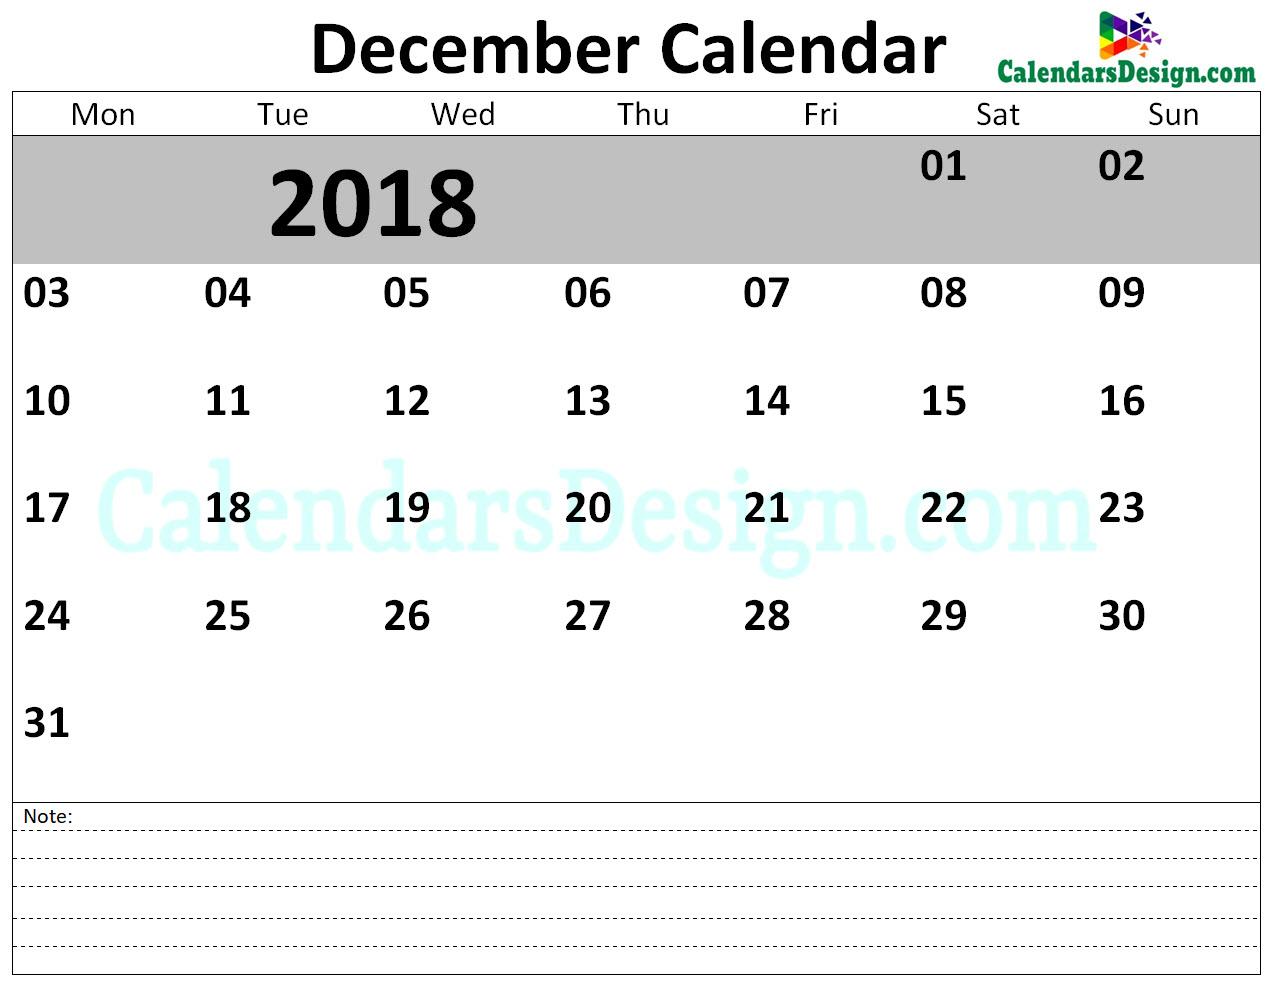 December Calendar 2018 Template